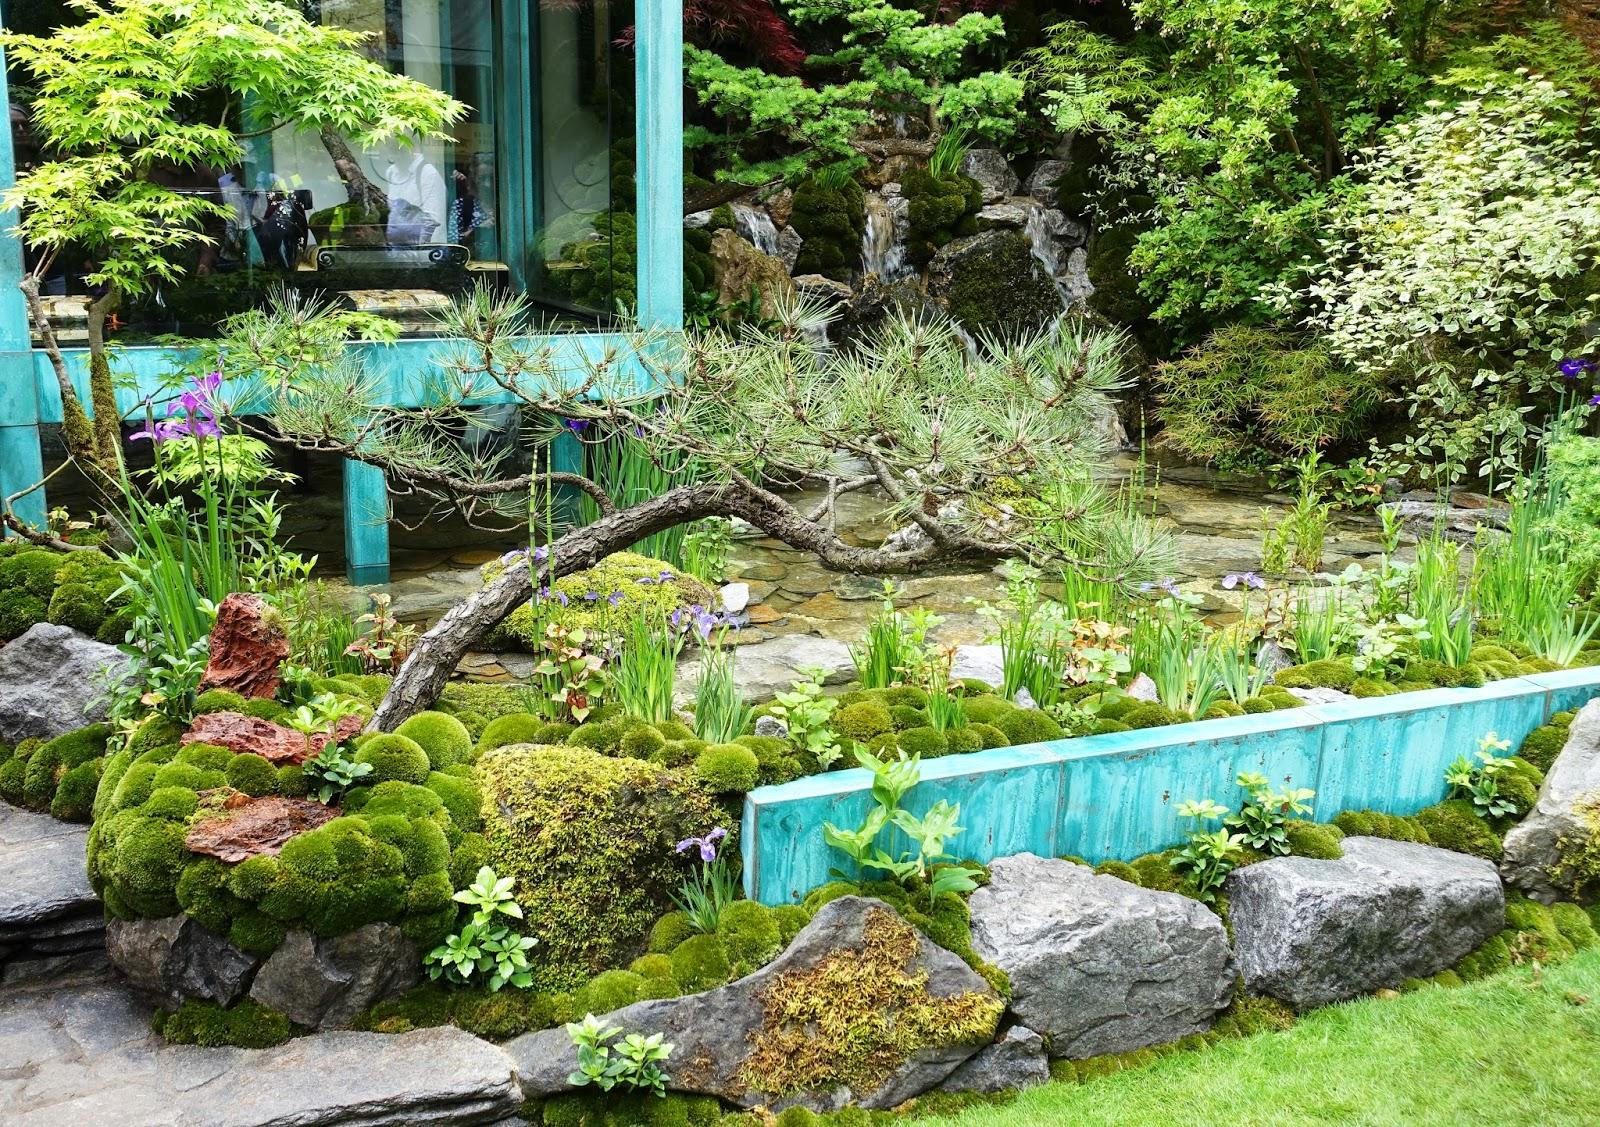 Shihara Kazuyuki's 'Gosho No Niwa garden, Chelsea Flower Show 2017